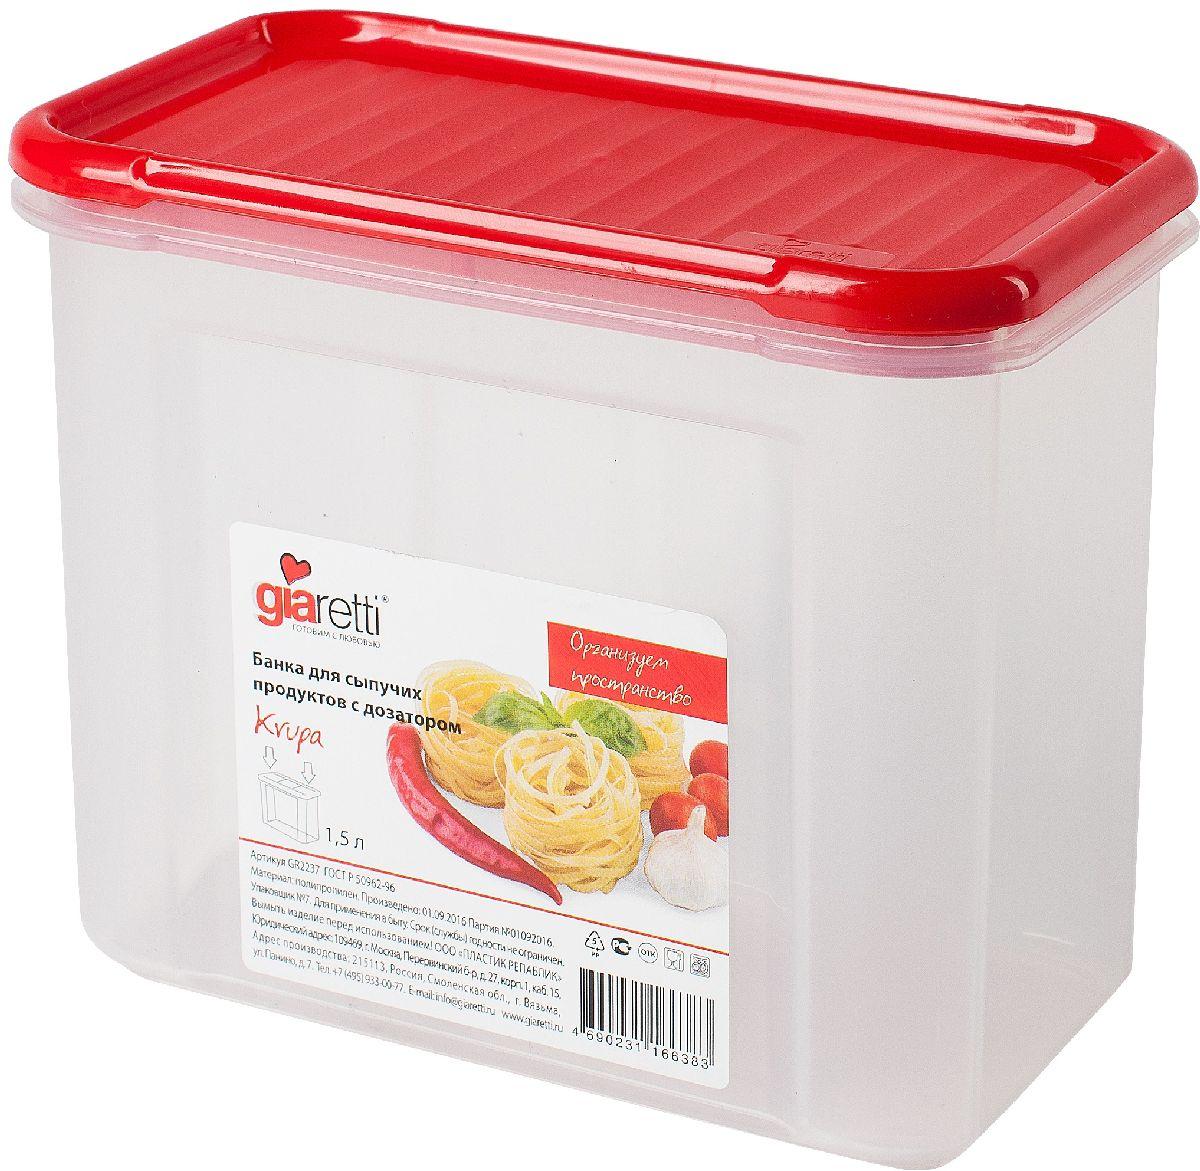 Банка для сыпучих продуктов Giaretti Krupa, цвет: красный, прозрачный, 1 лGR2232ЧЕРИБанки для сыпучих продуктов предназначены для хранения круп, сахара, макаронных изделий, сладостей и т.п., в том числе для продуктов с ярким ароматом (специи и пр.). Строгая прямоугольная форма банок поможет Вам организовать пространство максимально комфортно, не теряя полезную площадь. При этом банки устанавливаются одна на другую, что способствует экономии пространства в Вашем шкафу. Плотная крышка не пропускает запахи, и они не смешиваются в Вашем шкафу. Благодаря разнообразным отверстиям в дозаторе, Вам будет удобно насыпать как мелкие, так и крупные сыпучие продукты, что сделает процесс приготовления пищи проще.